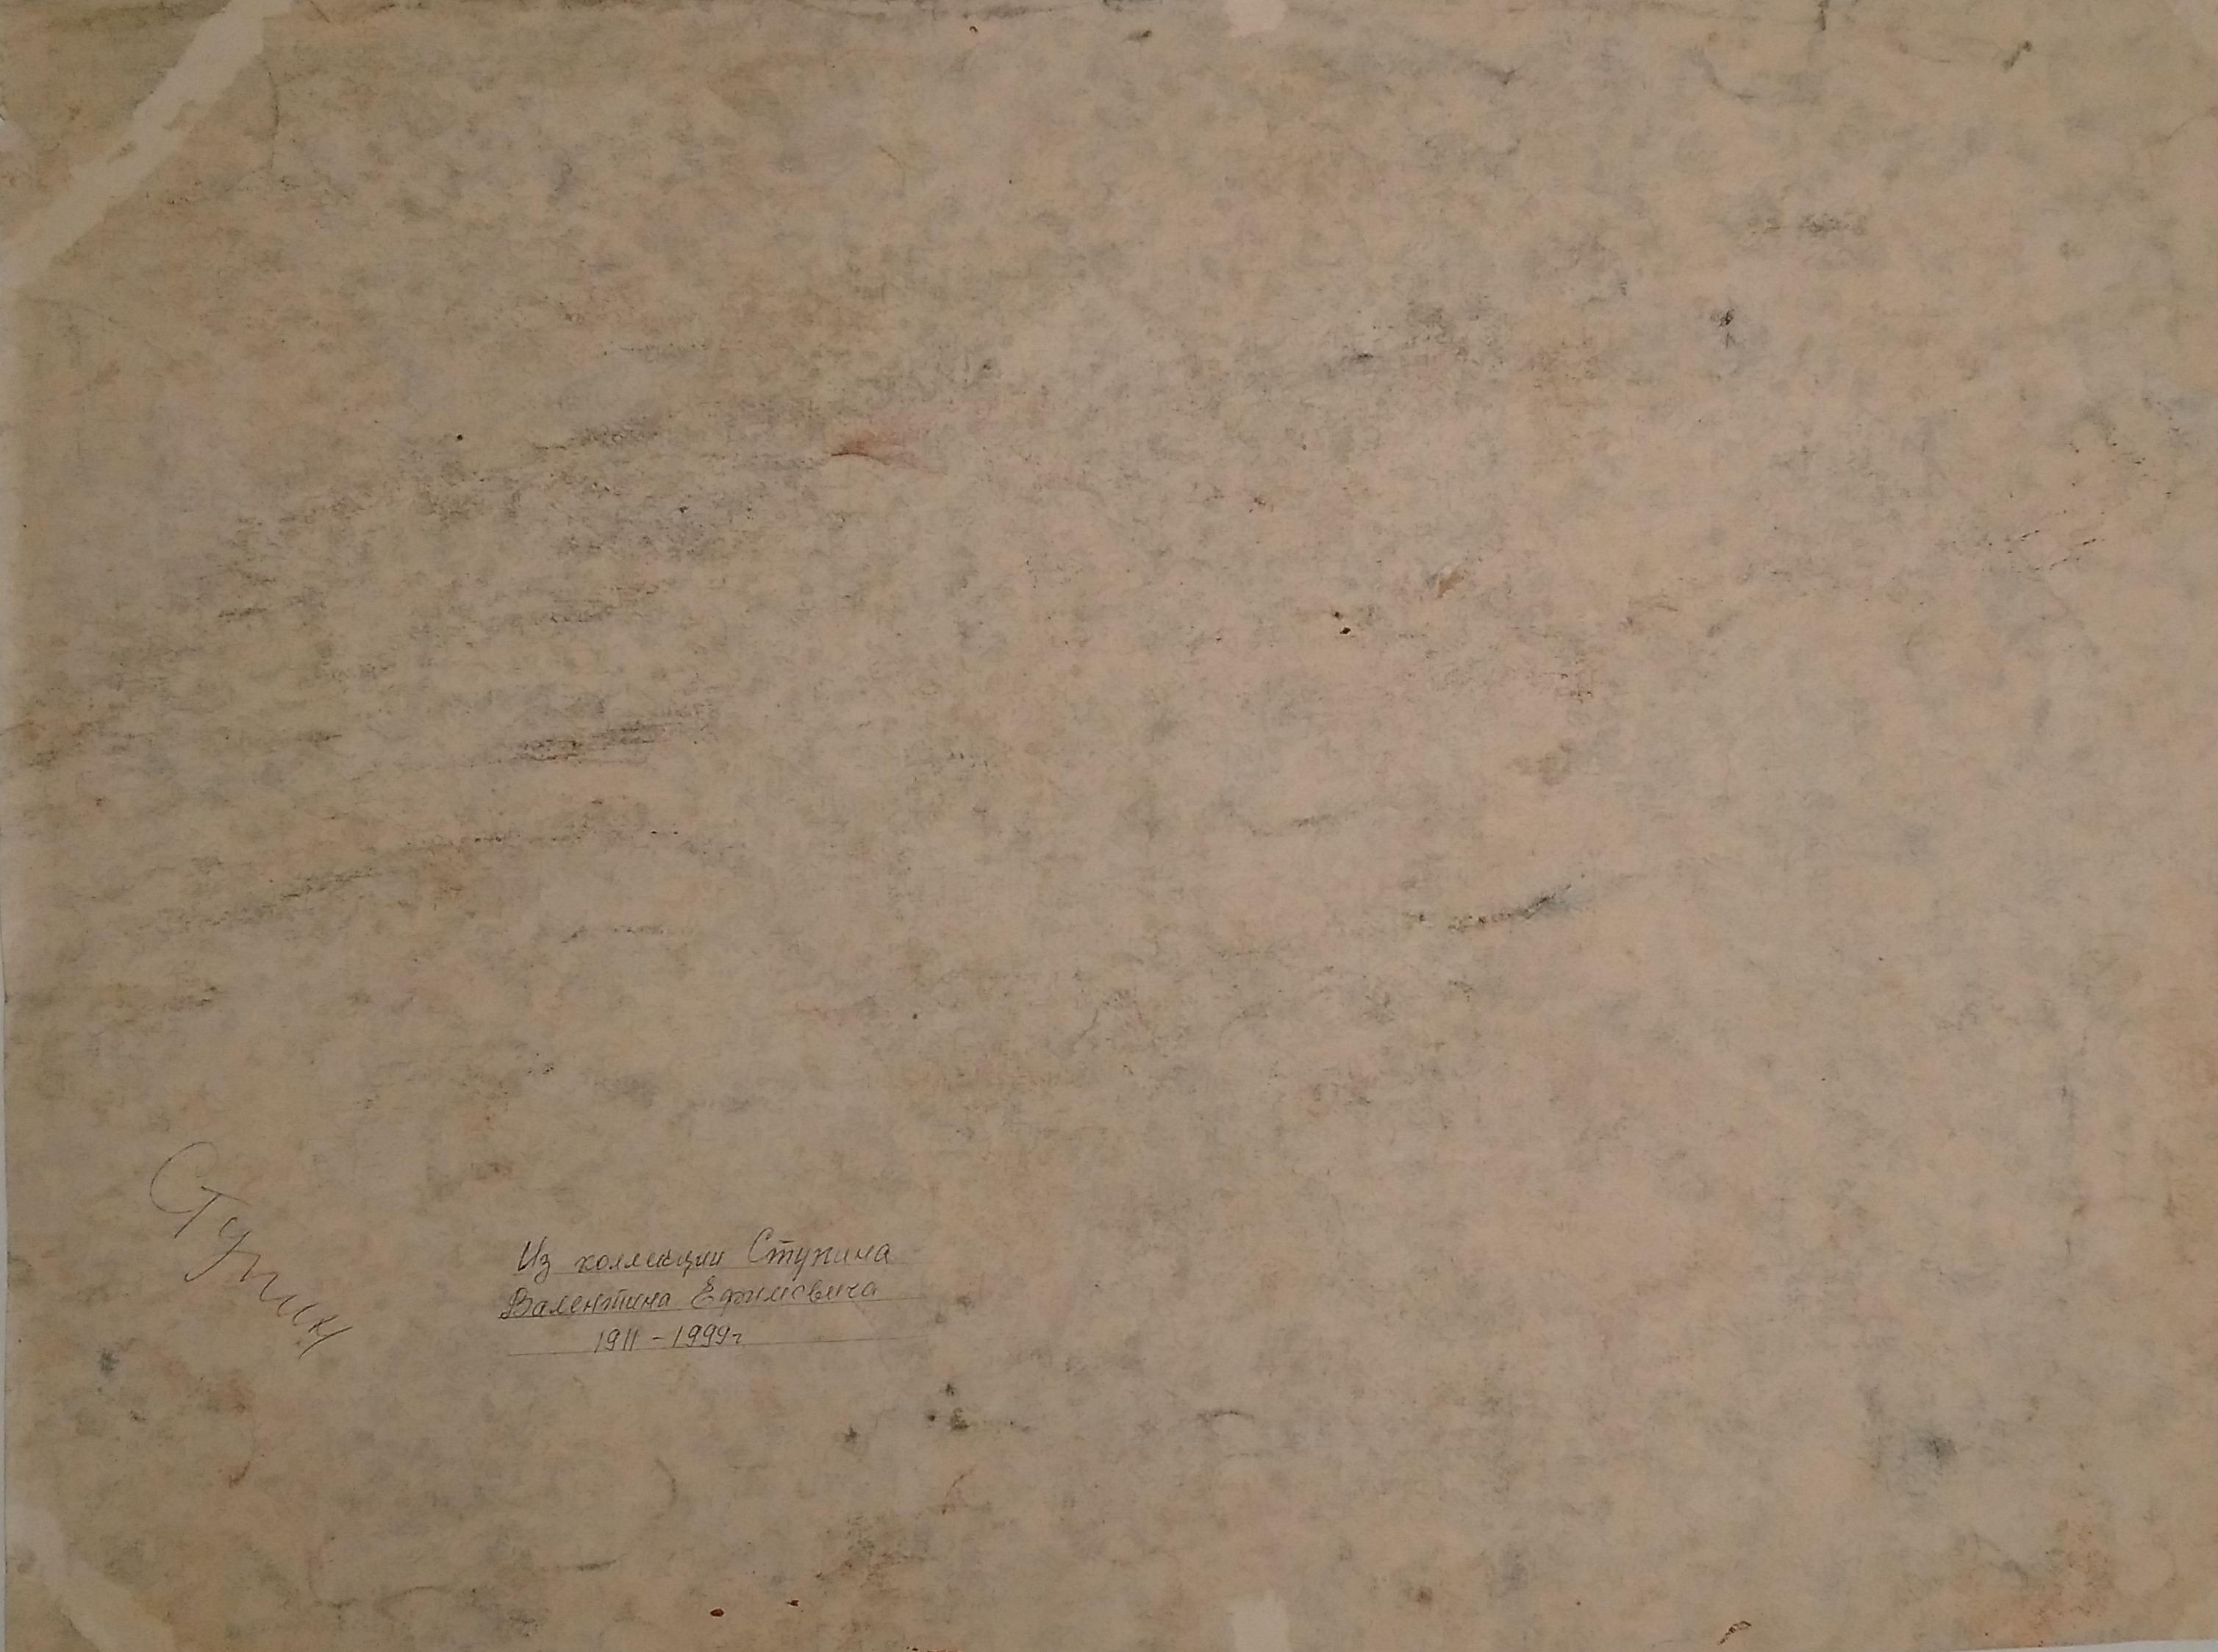 Особняк 59-81 см., бумага, пастель  - 1